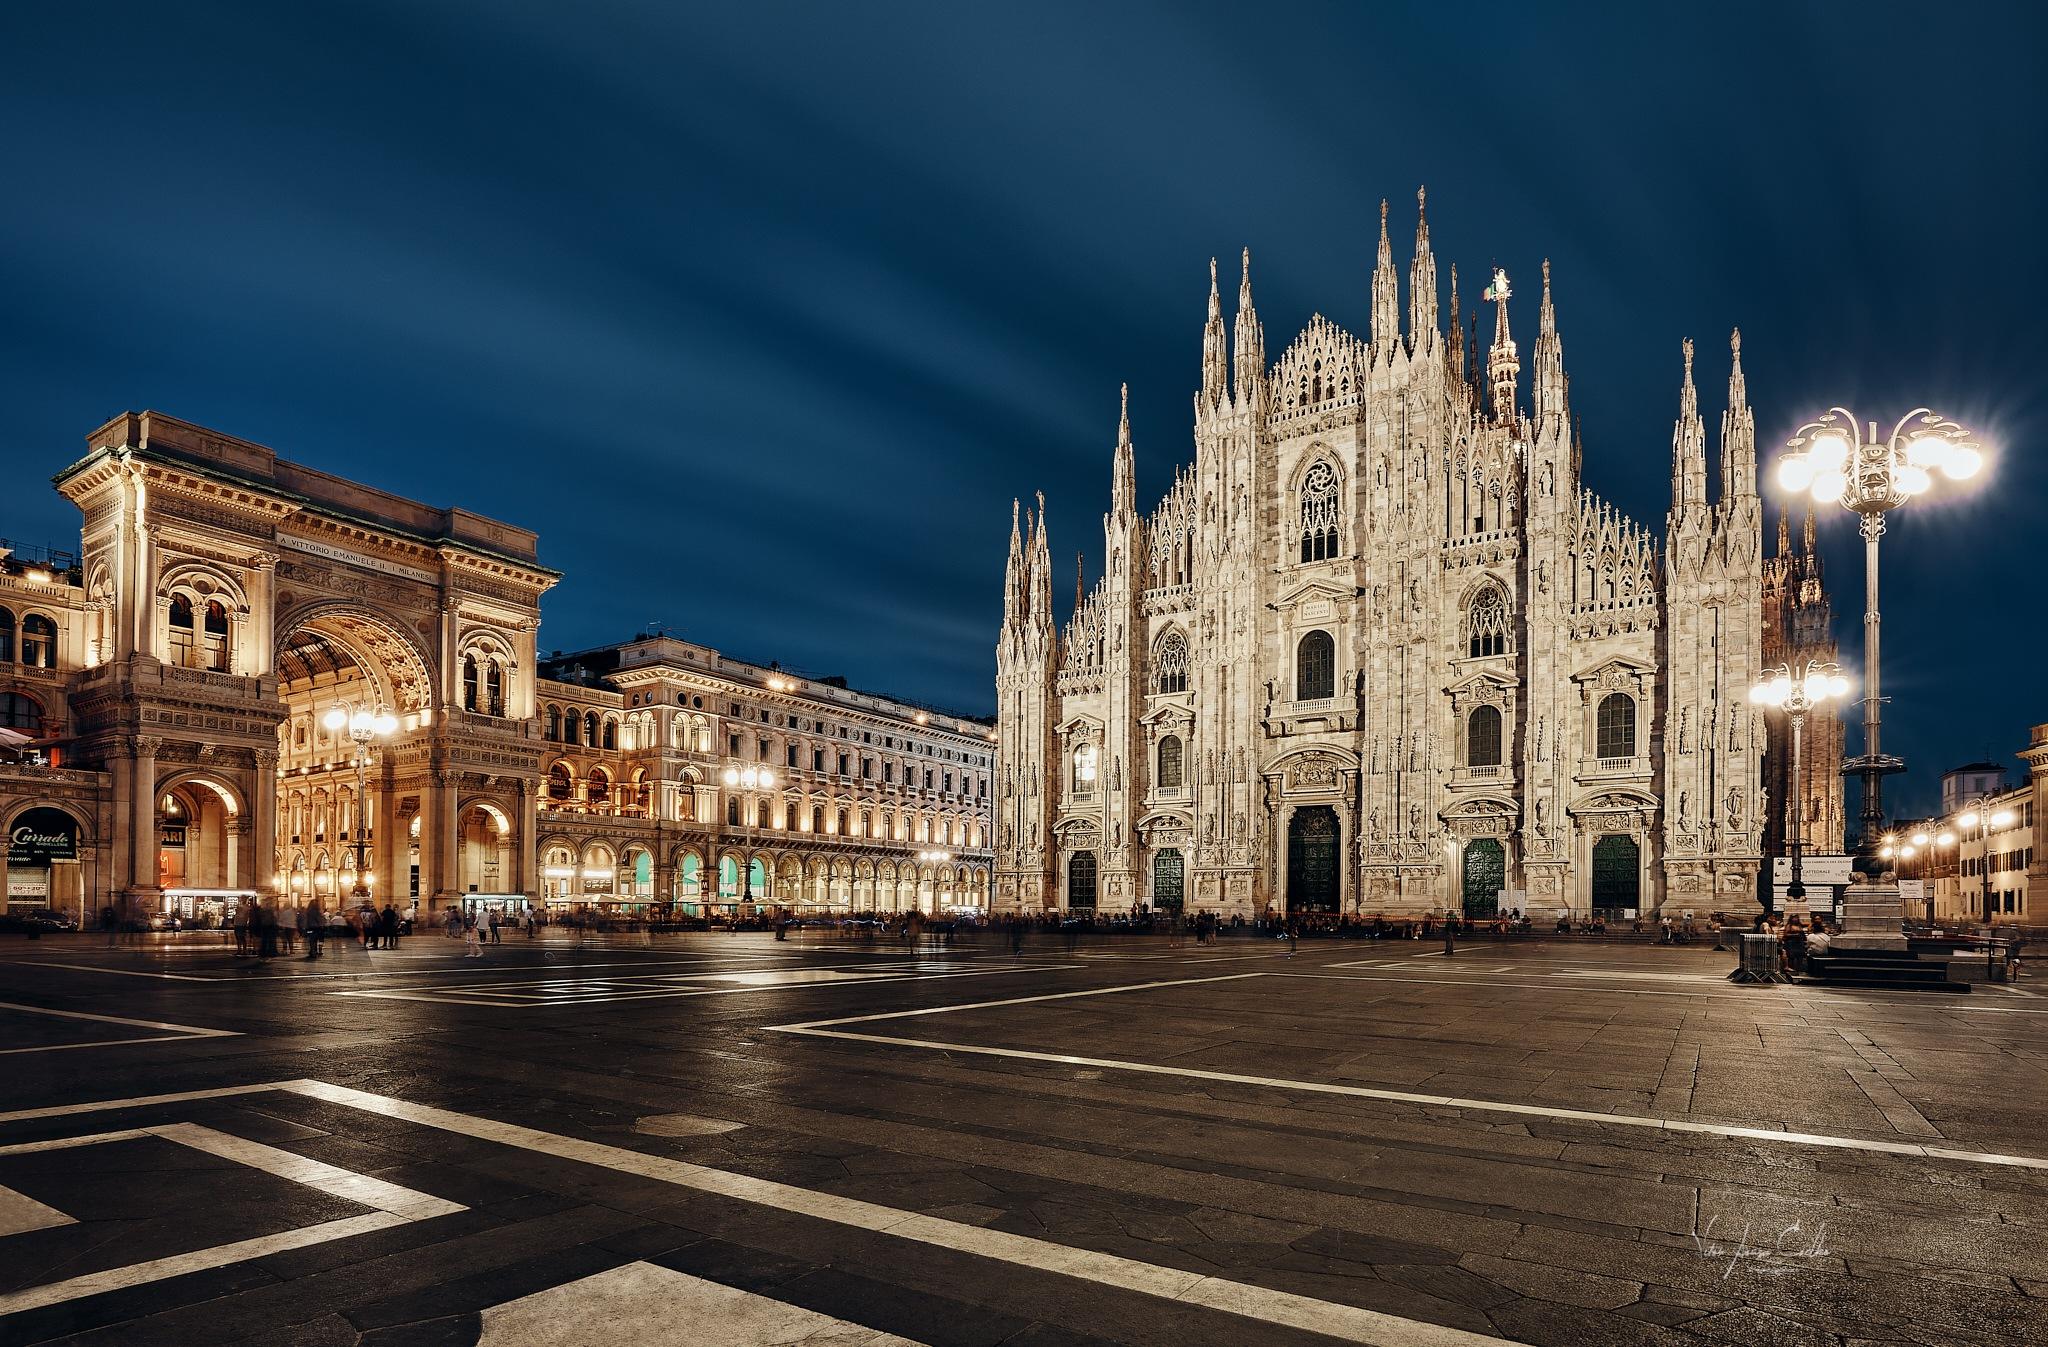 Italy@Milan - Il Duomo by Vitor Coelho